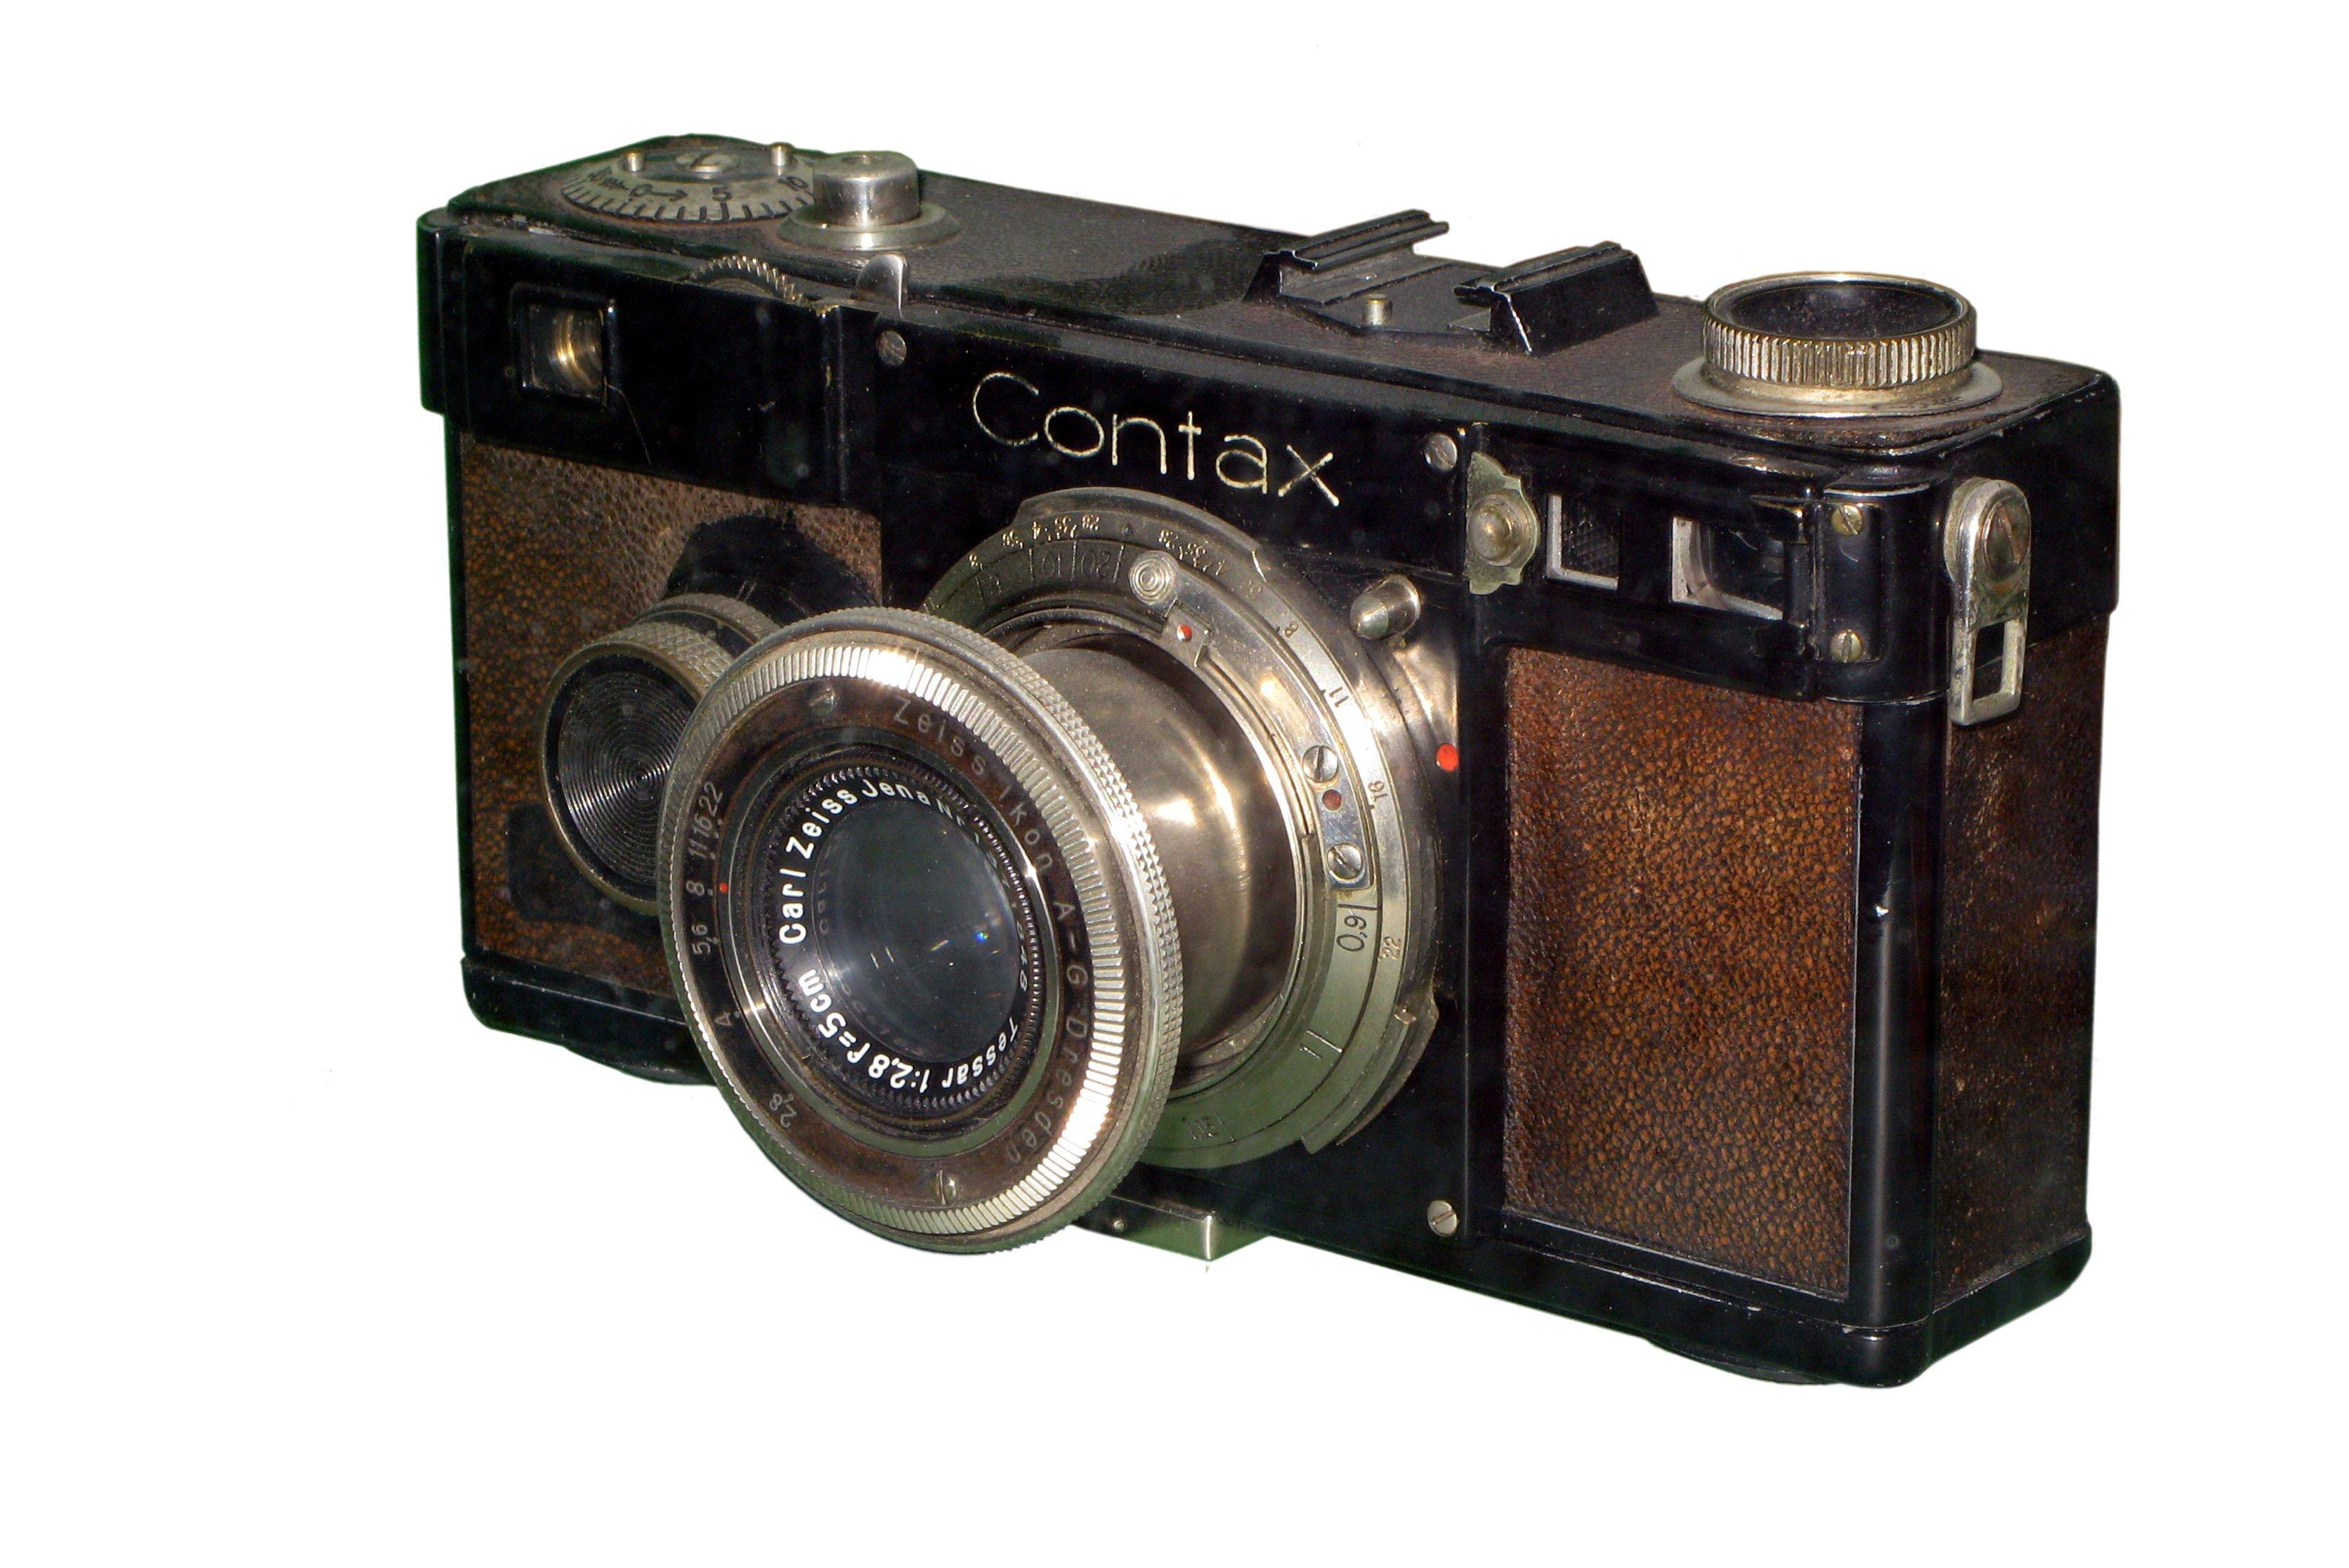 Фото из потерянного фотоаппарата 20 фотография